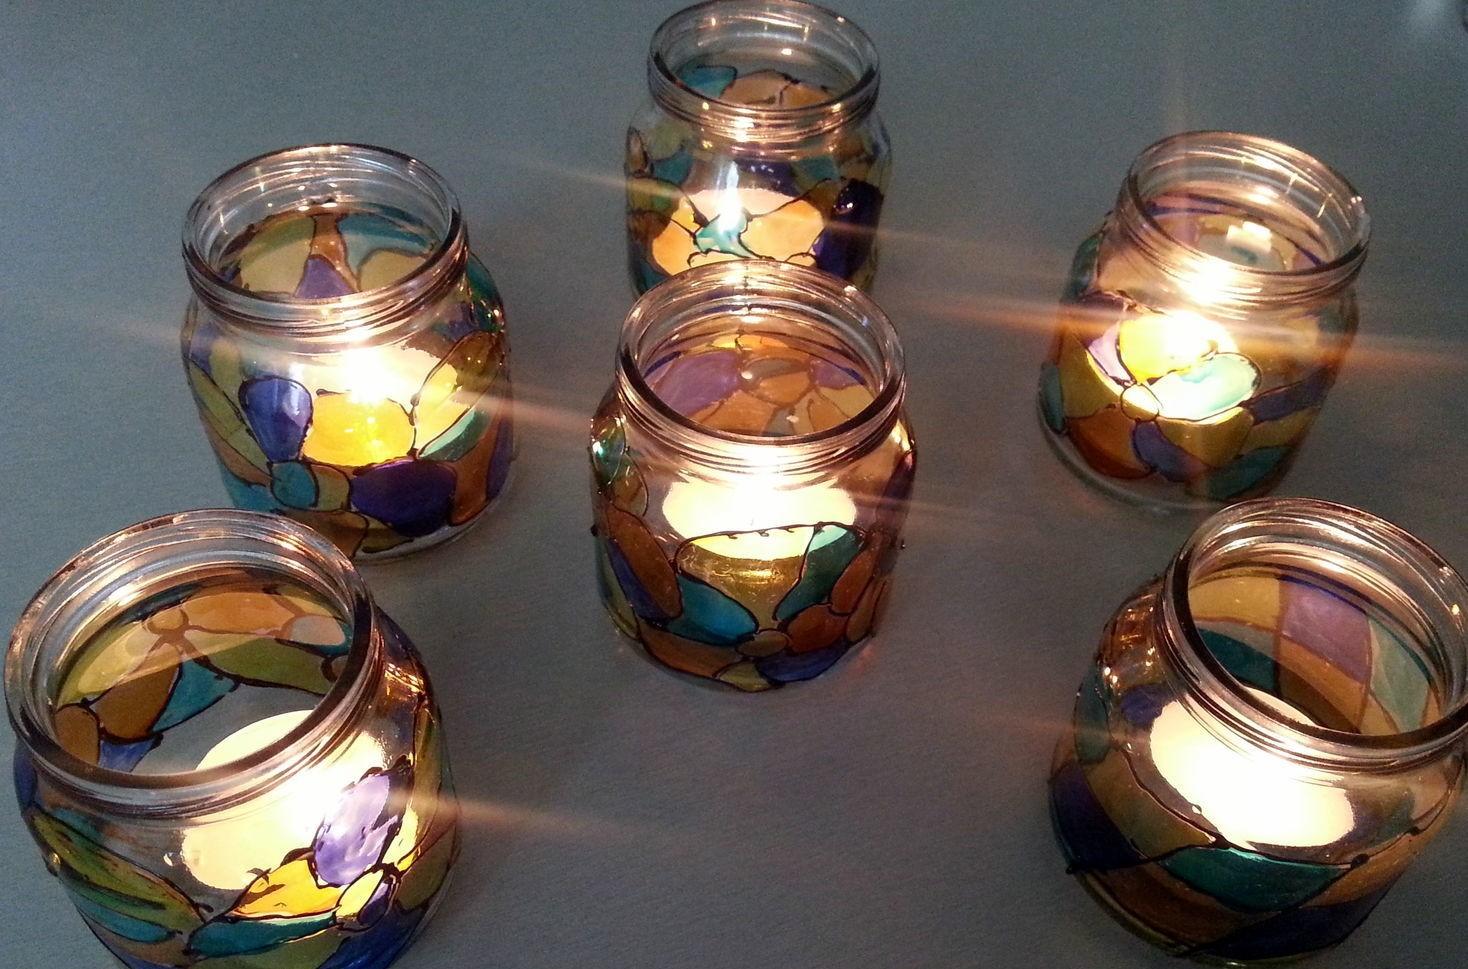 попадают дом подсвечники из банок своими руками фото имеющих сходство соцветиями